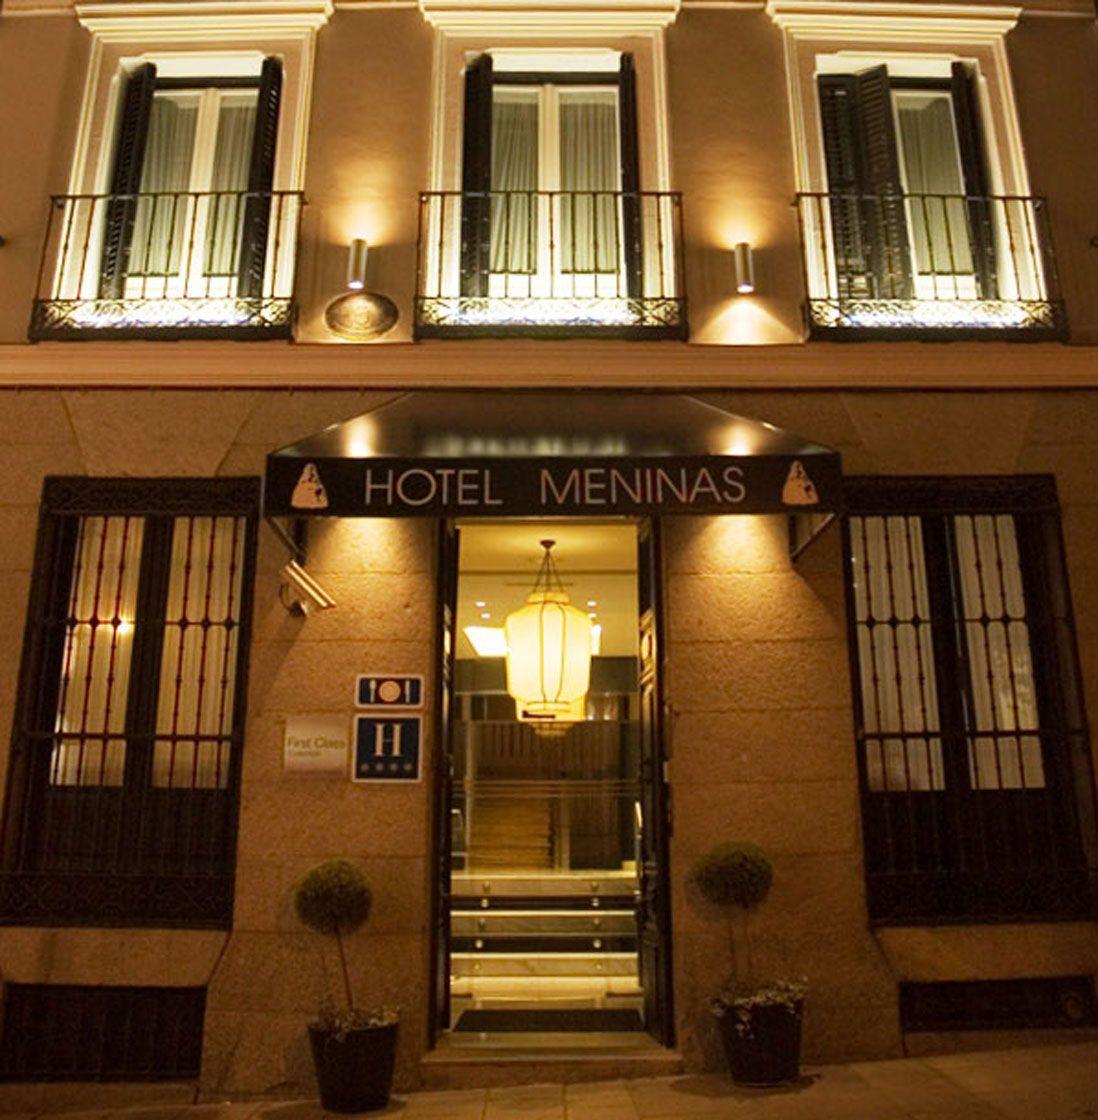 Exterior Lighting   #HotelMadrid Hotel Meninas